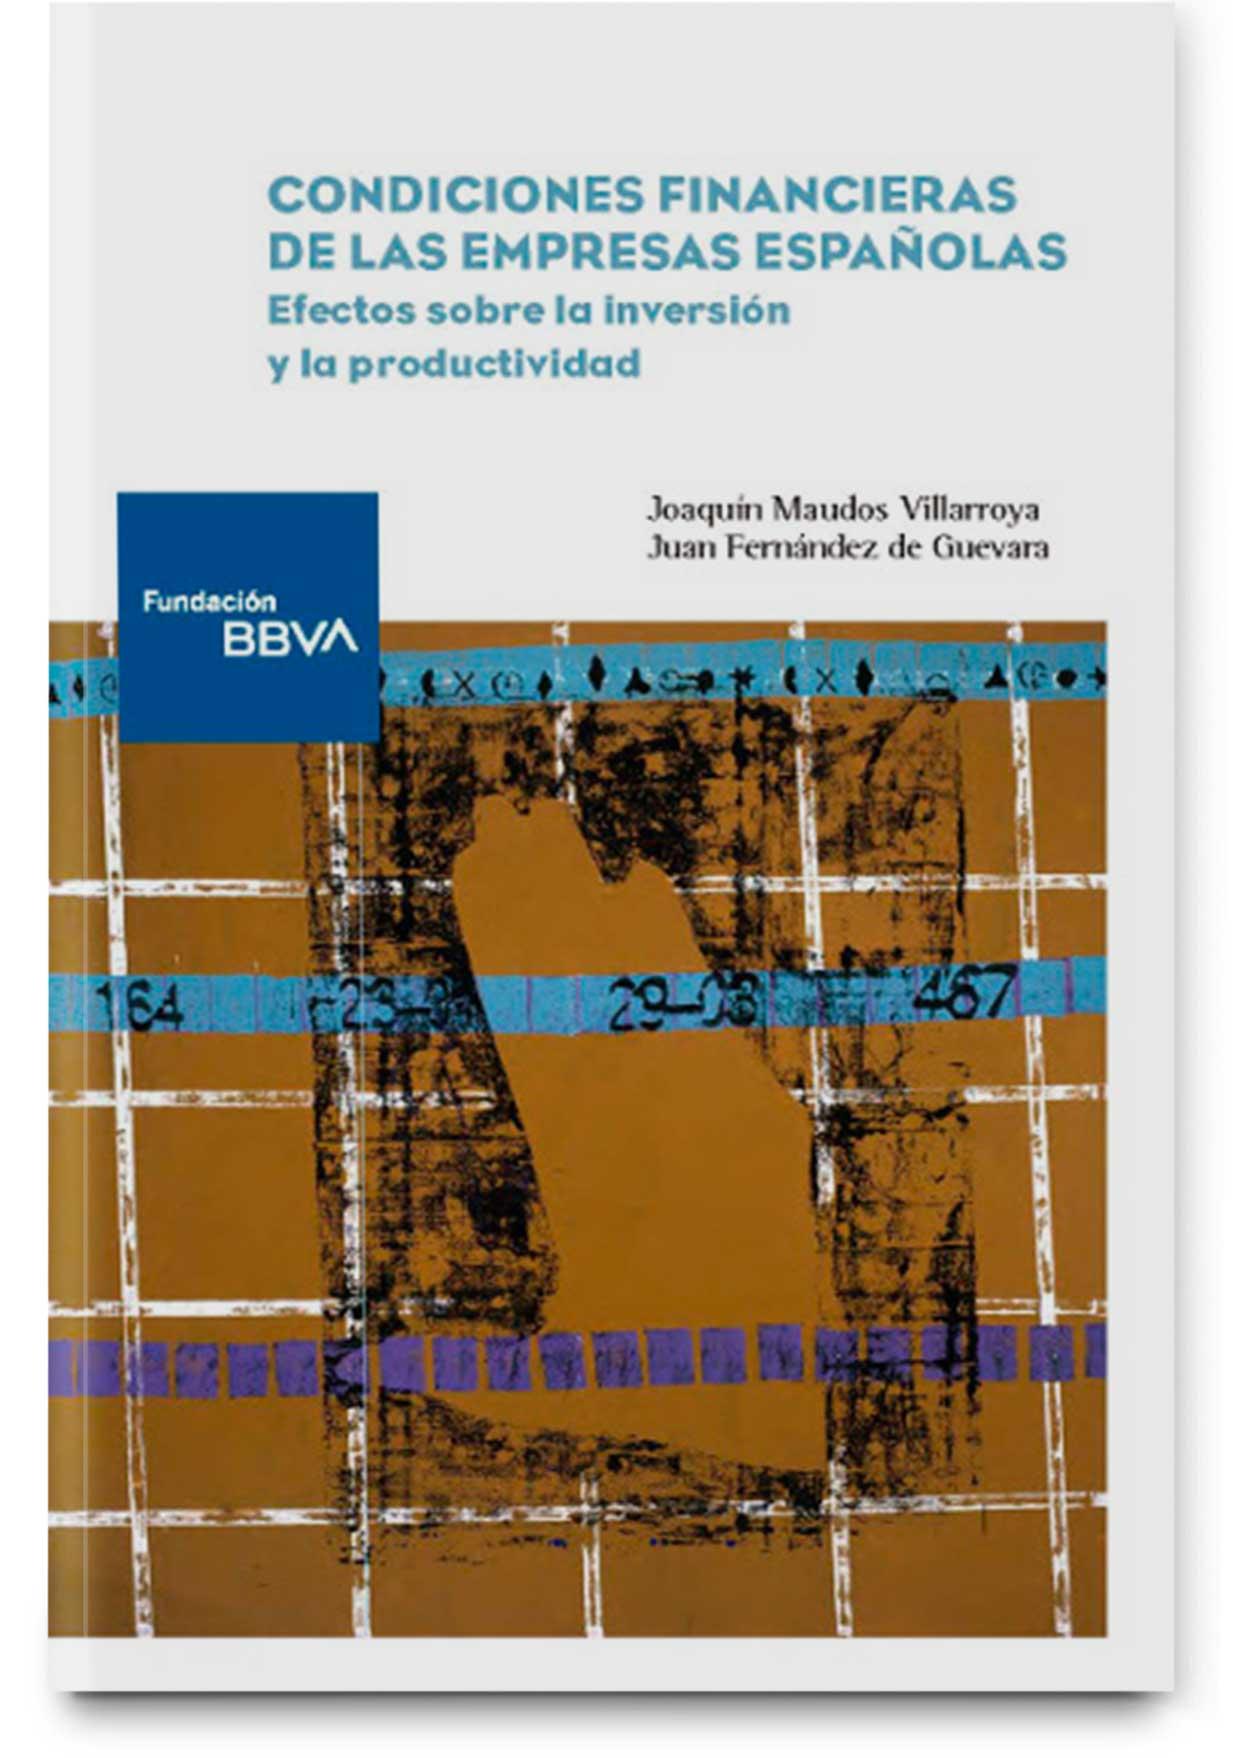 Condiciones financieras de las empresas españolas: Efectos sobre la inversión y la productividad